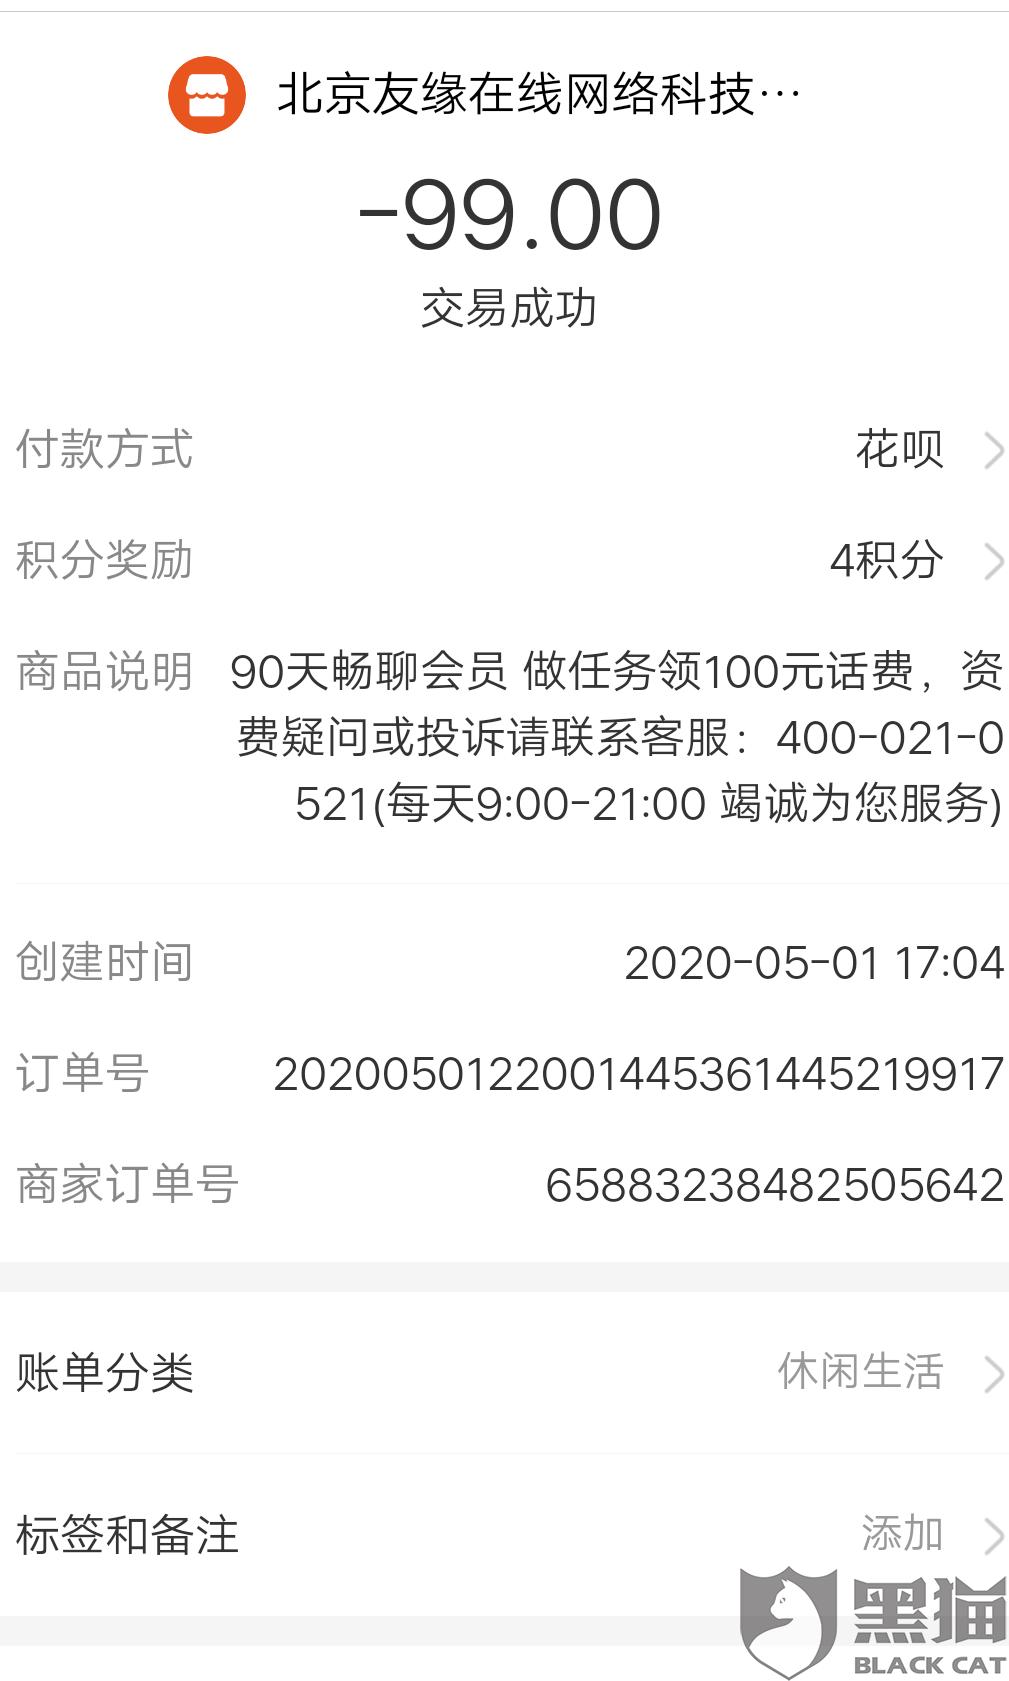 黑猫投诉:北京友缘在线网络科技股份有限公司用免费体验诱导用户开通免密支付,实则是在扣款消费